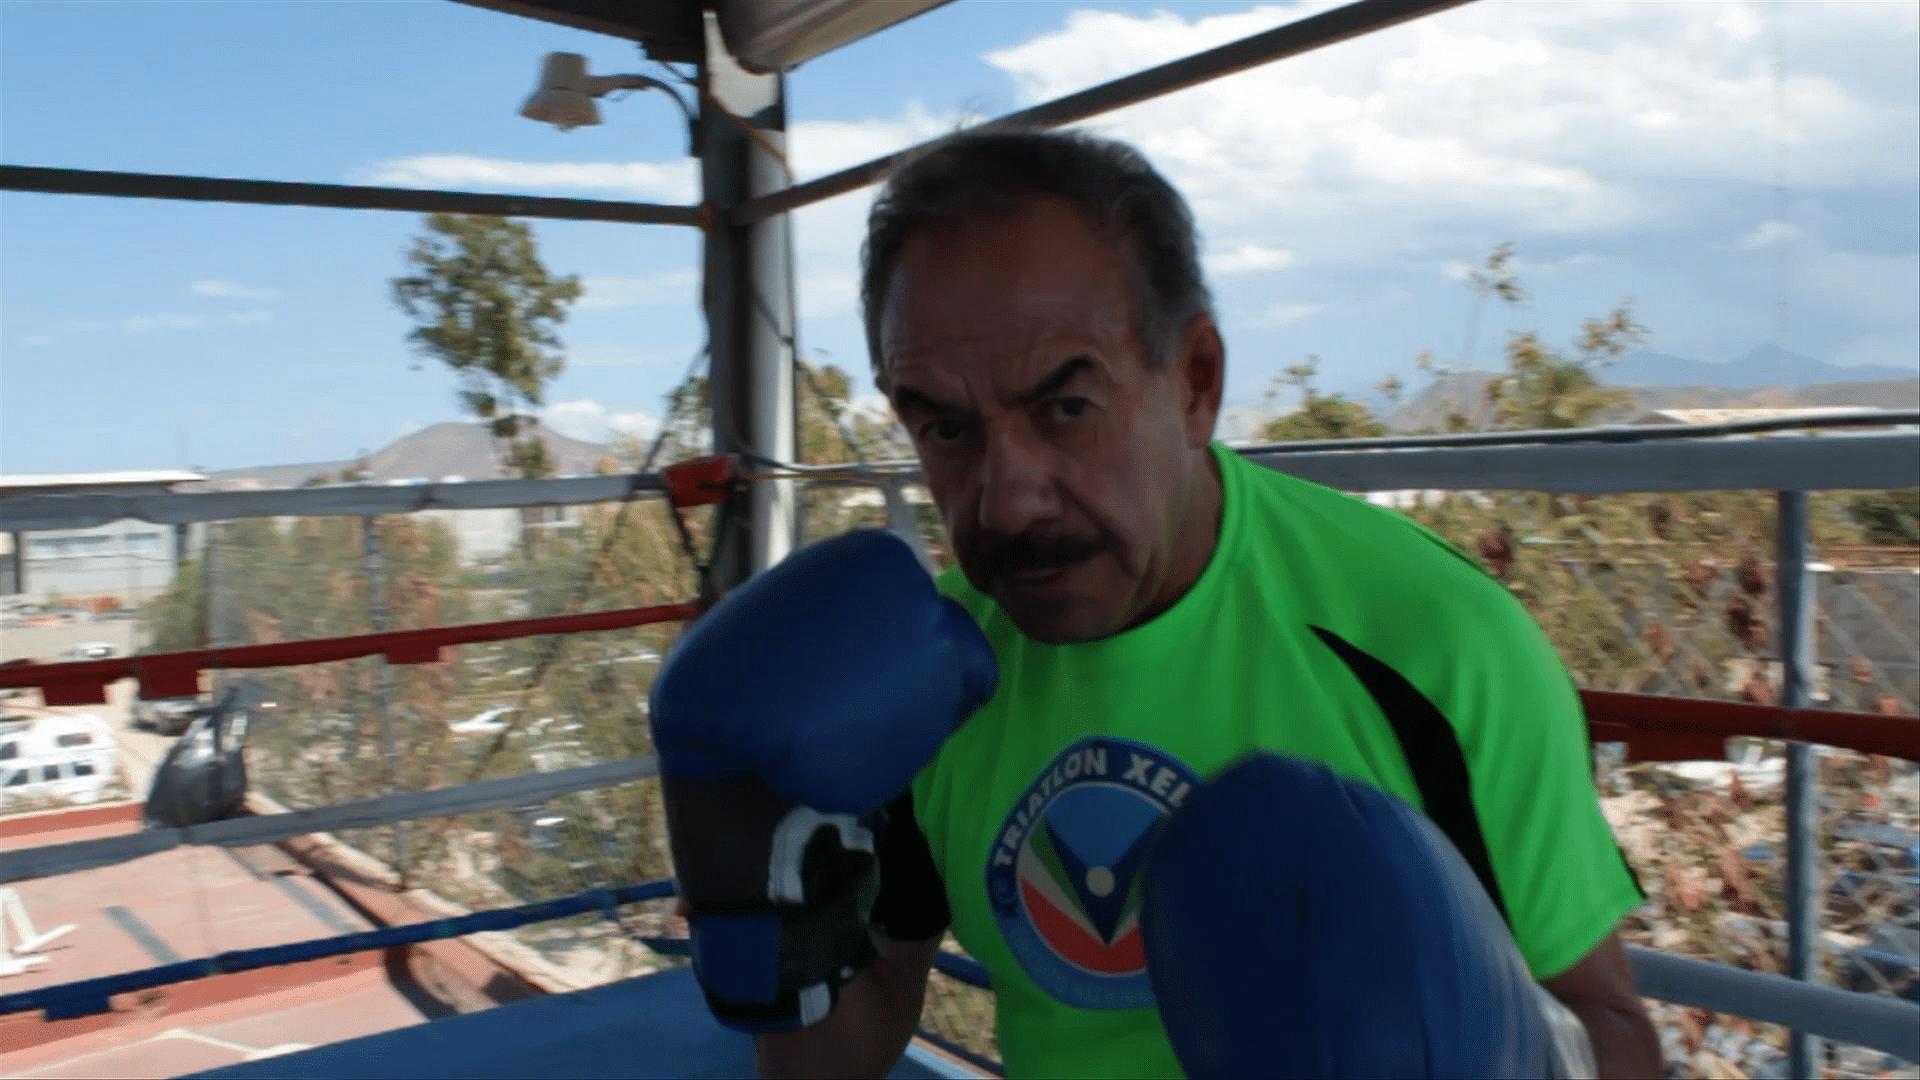 Alejandro Samperio - La Paz, Baja California Sur